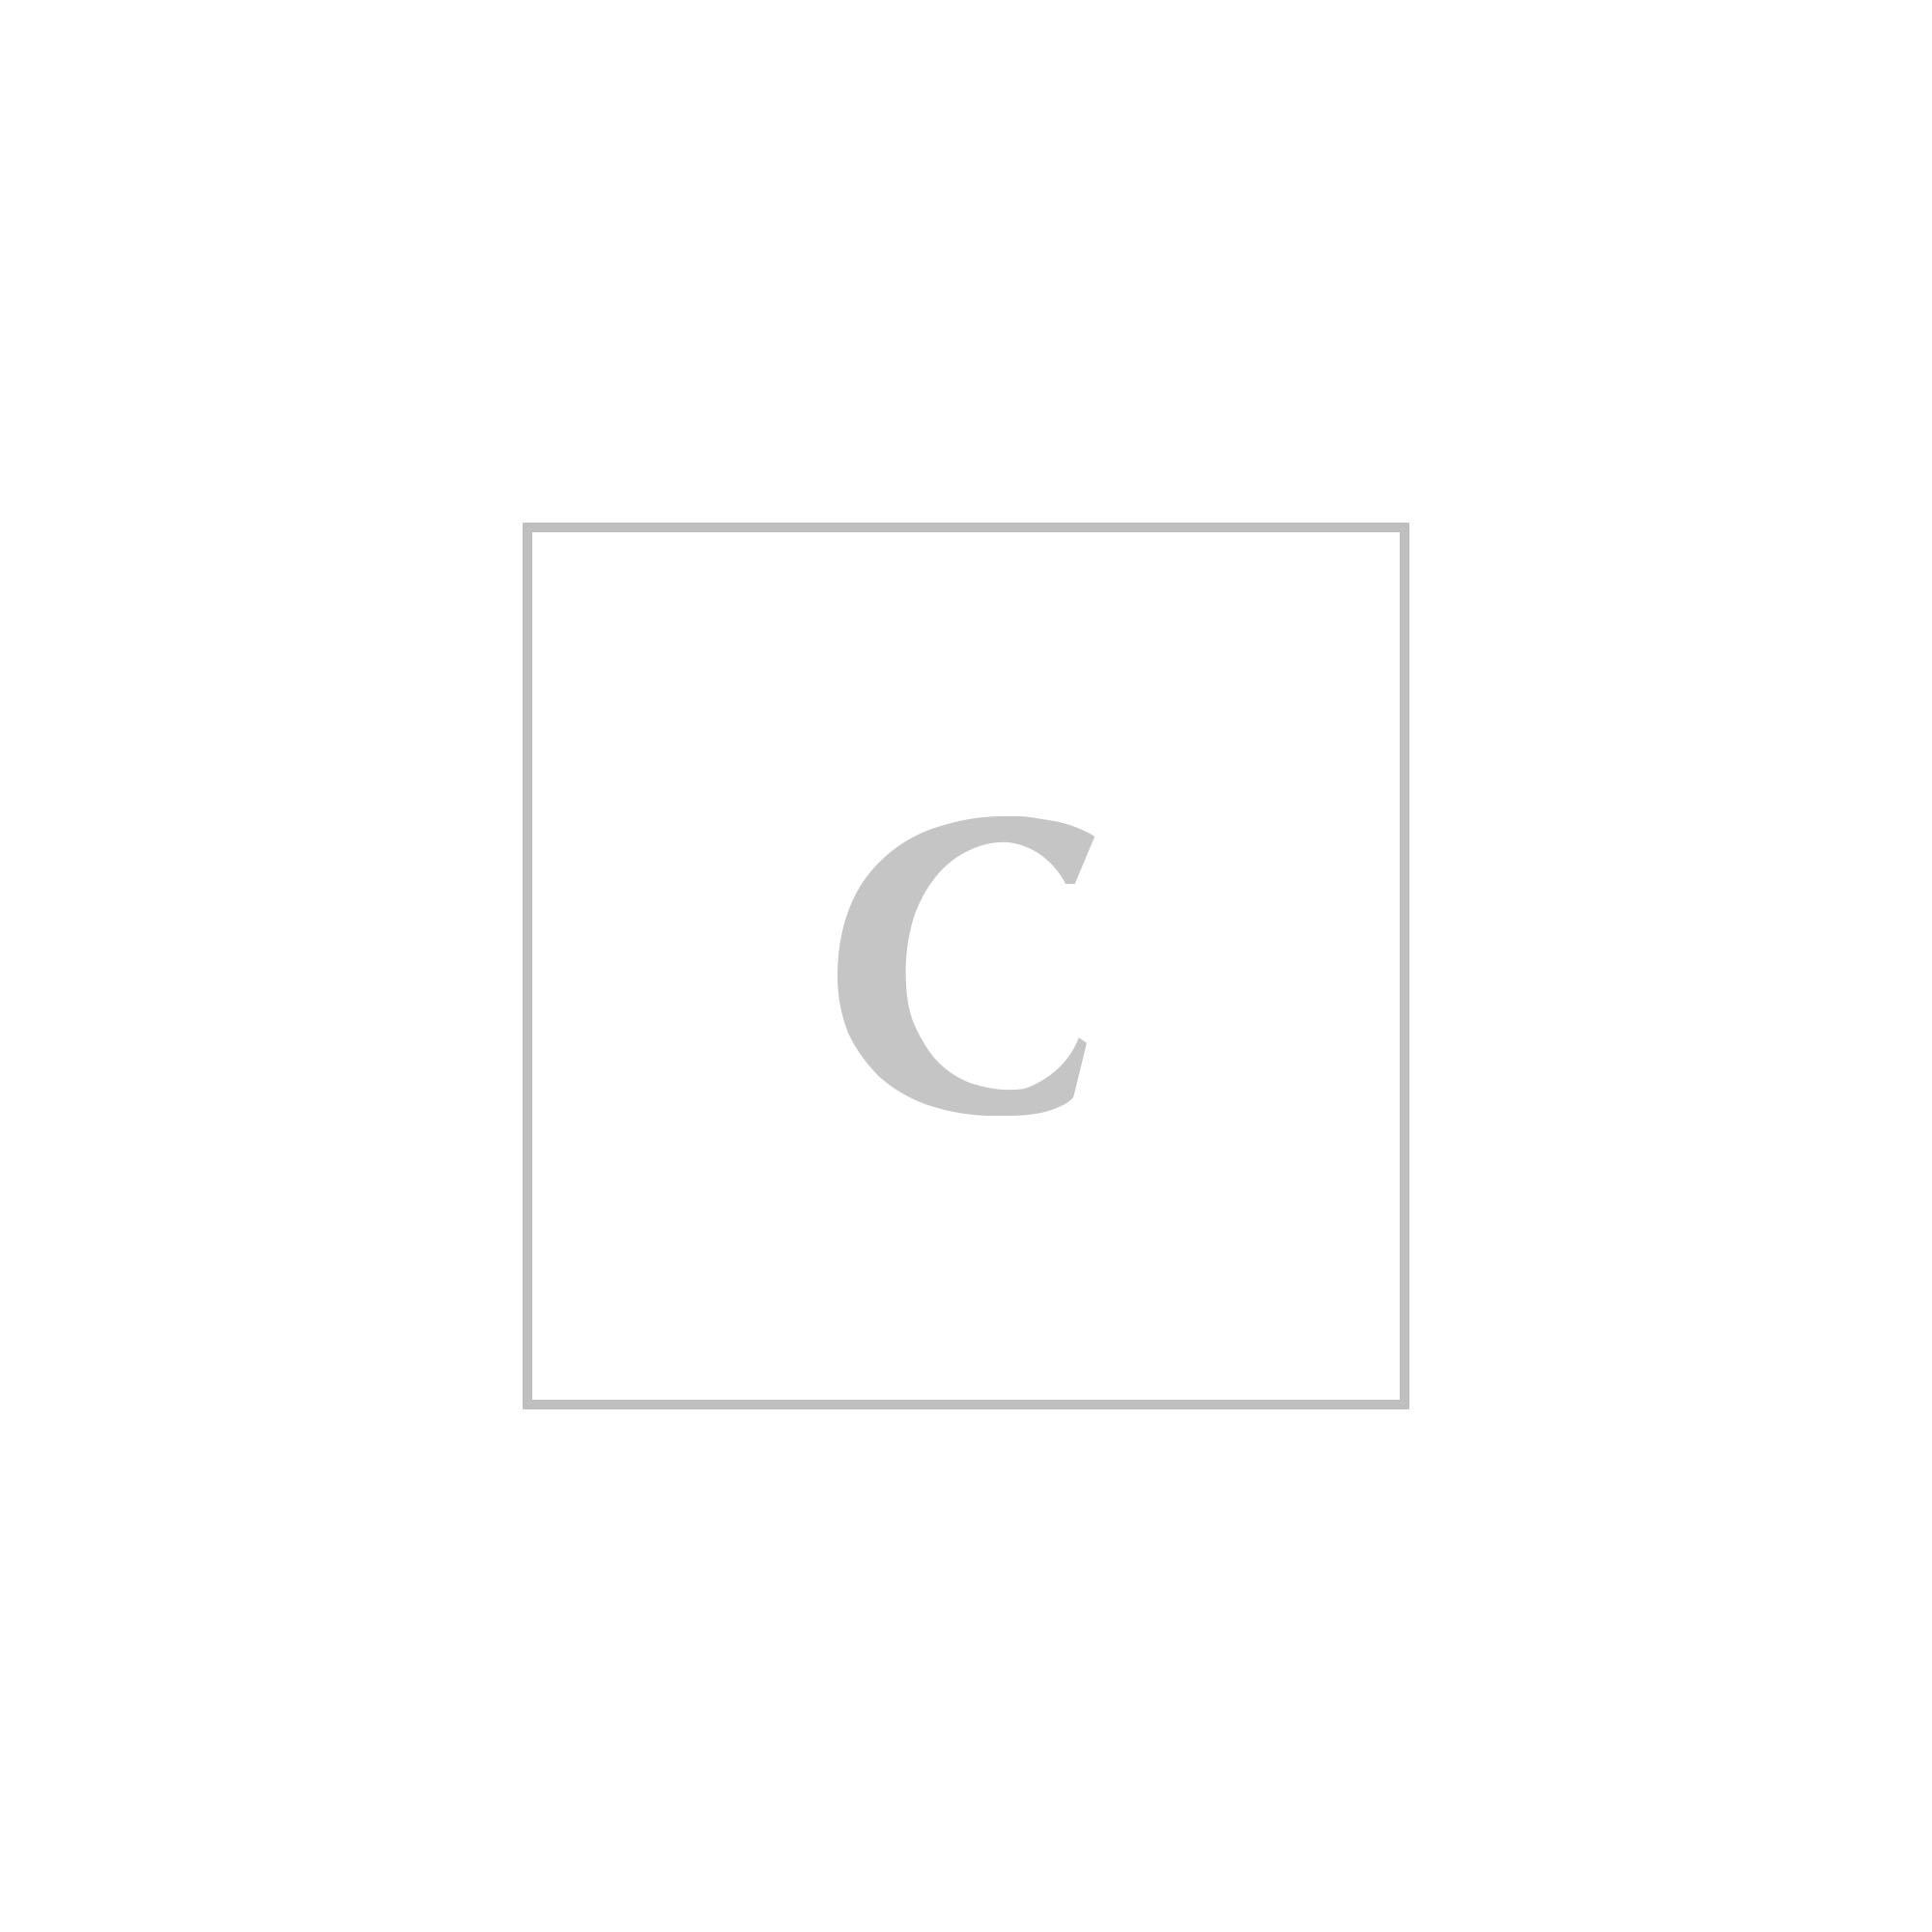 4 moncler simone rocha abbigliamento donna camicia moncler genius 4